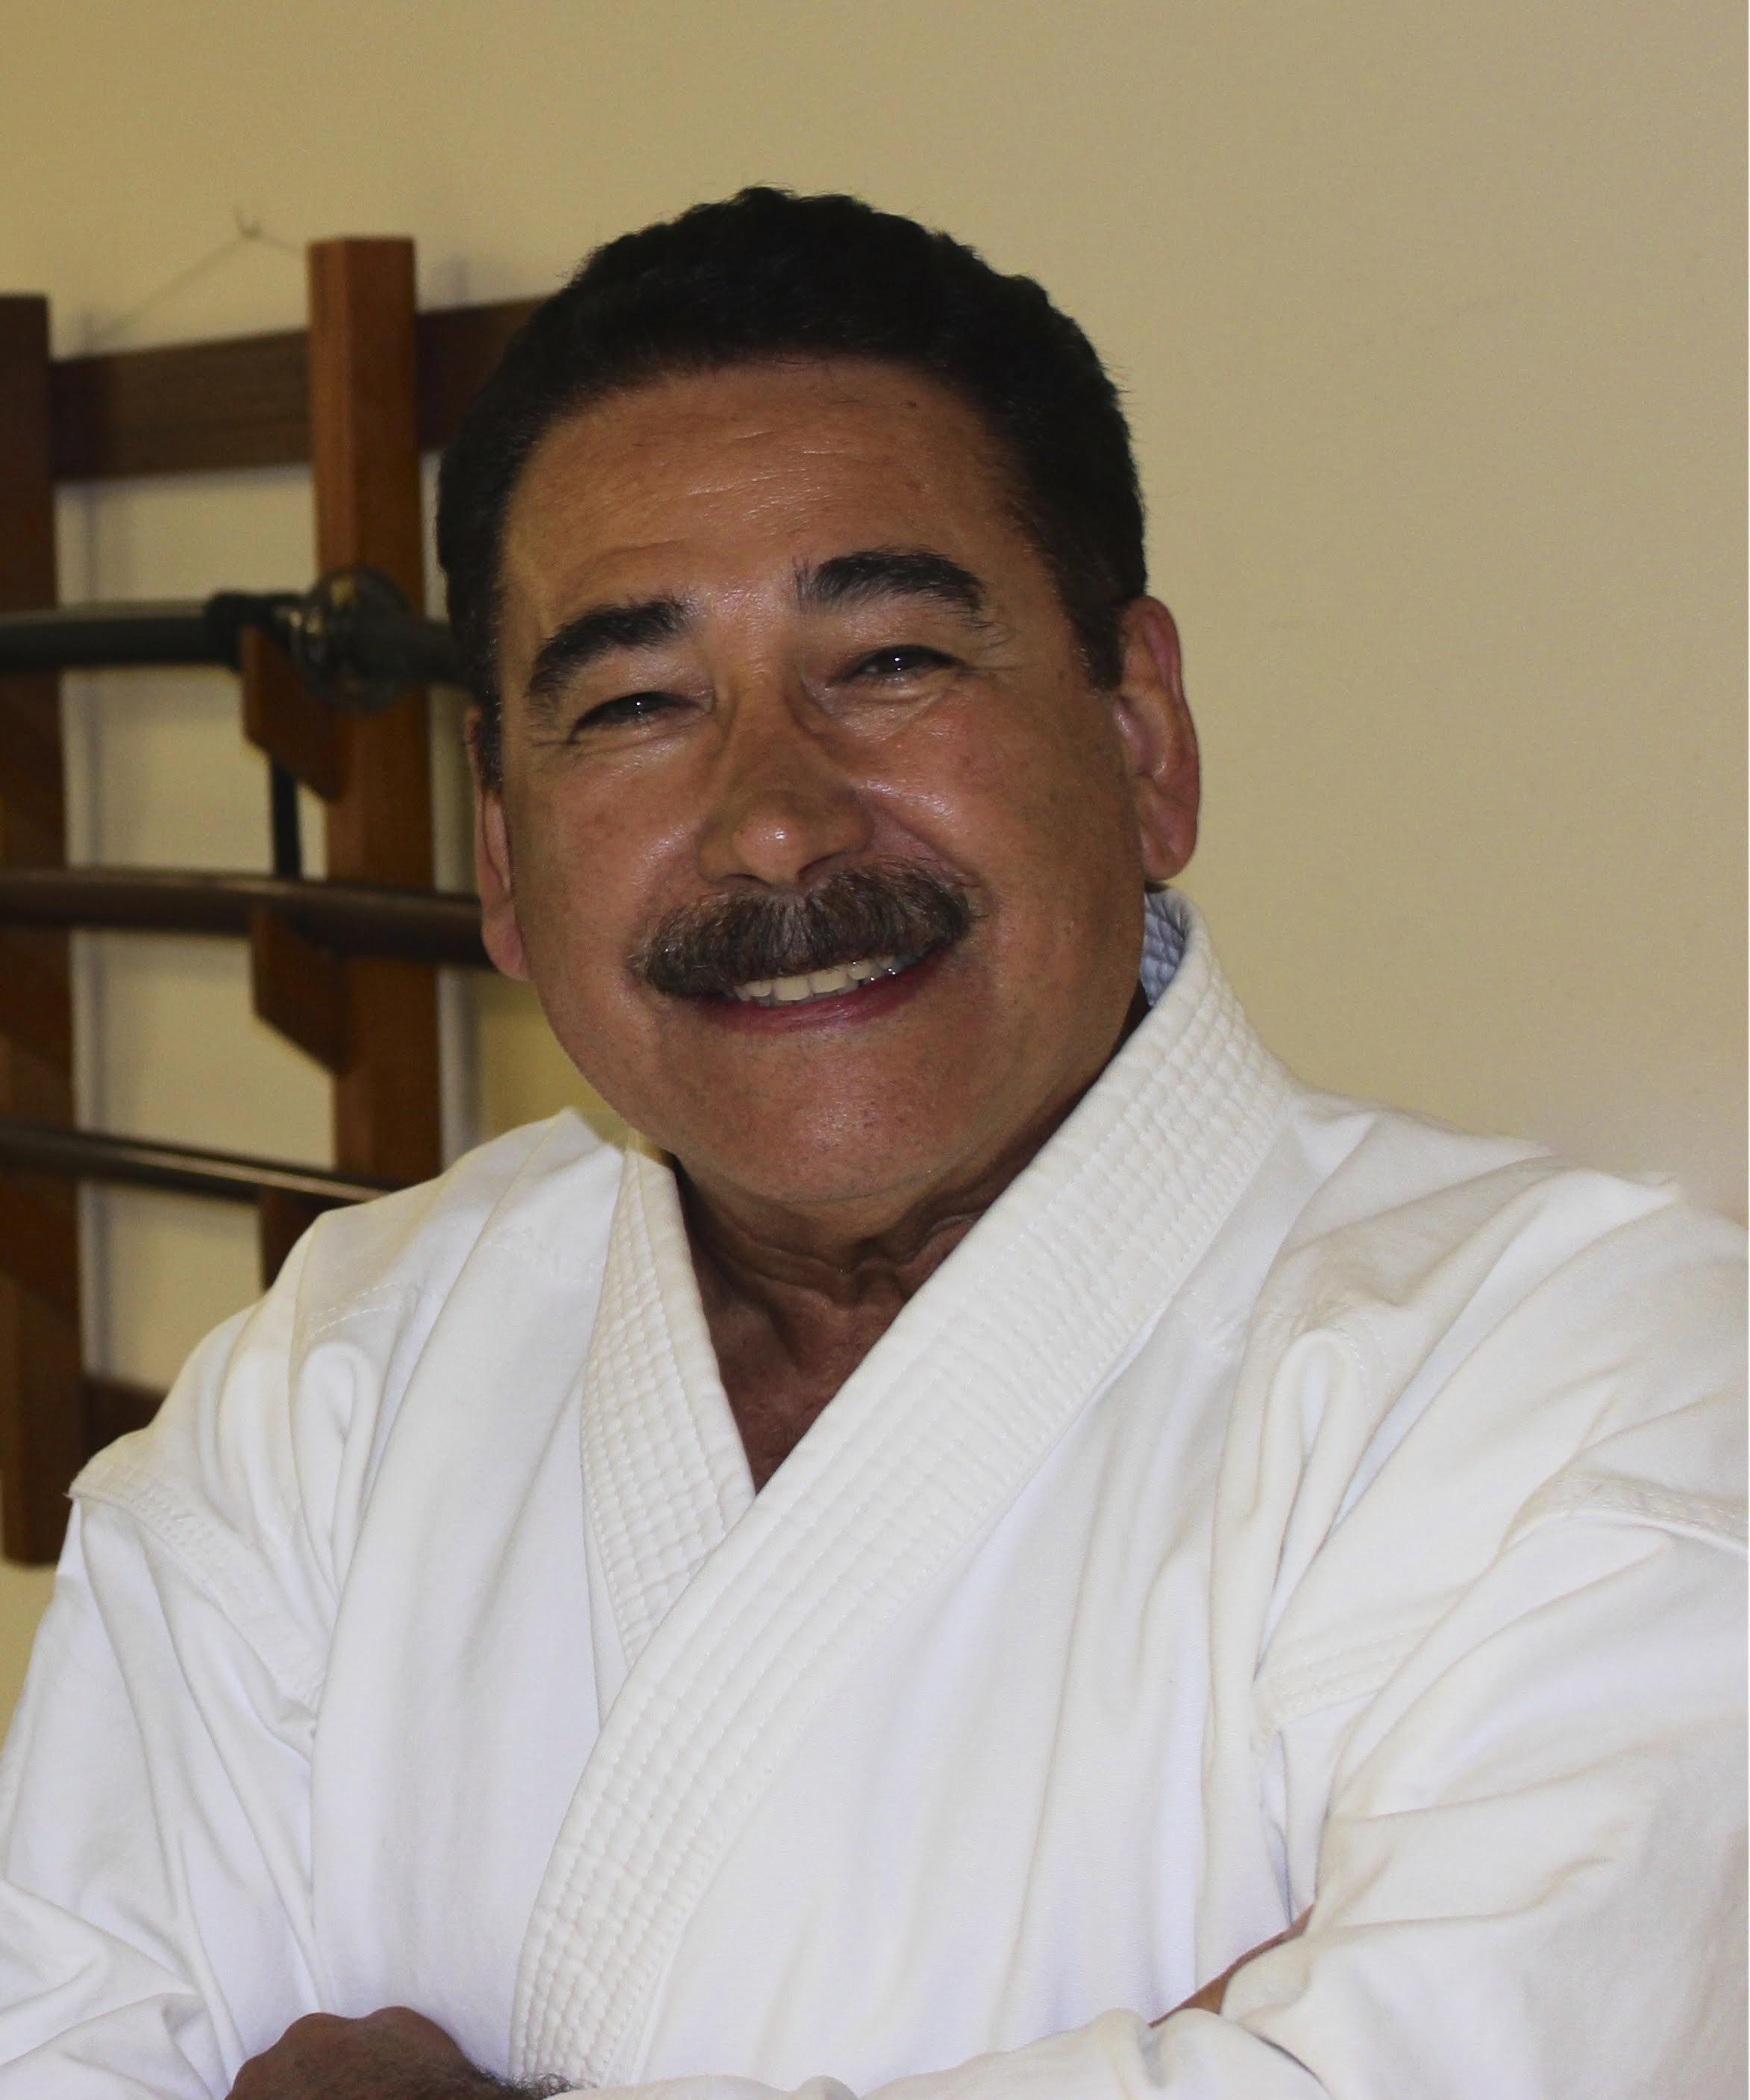 Nelson Adujar